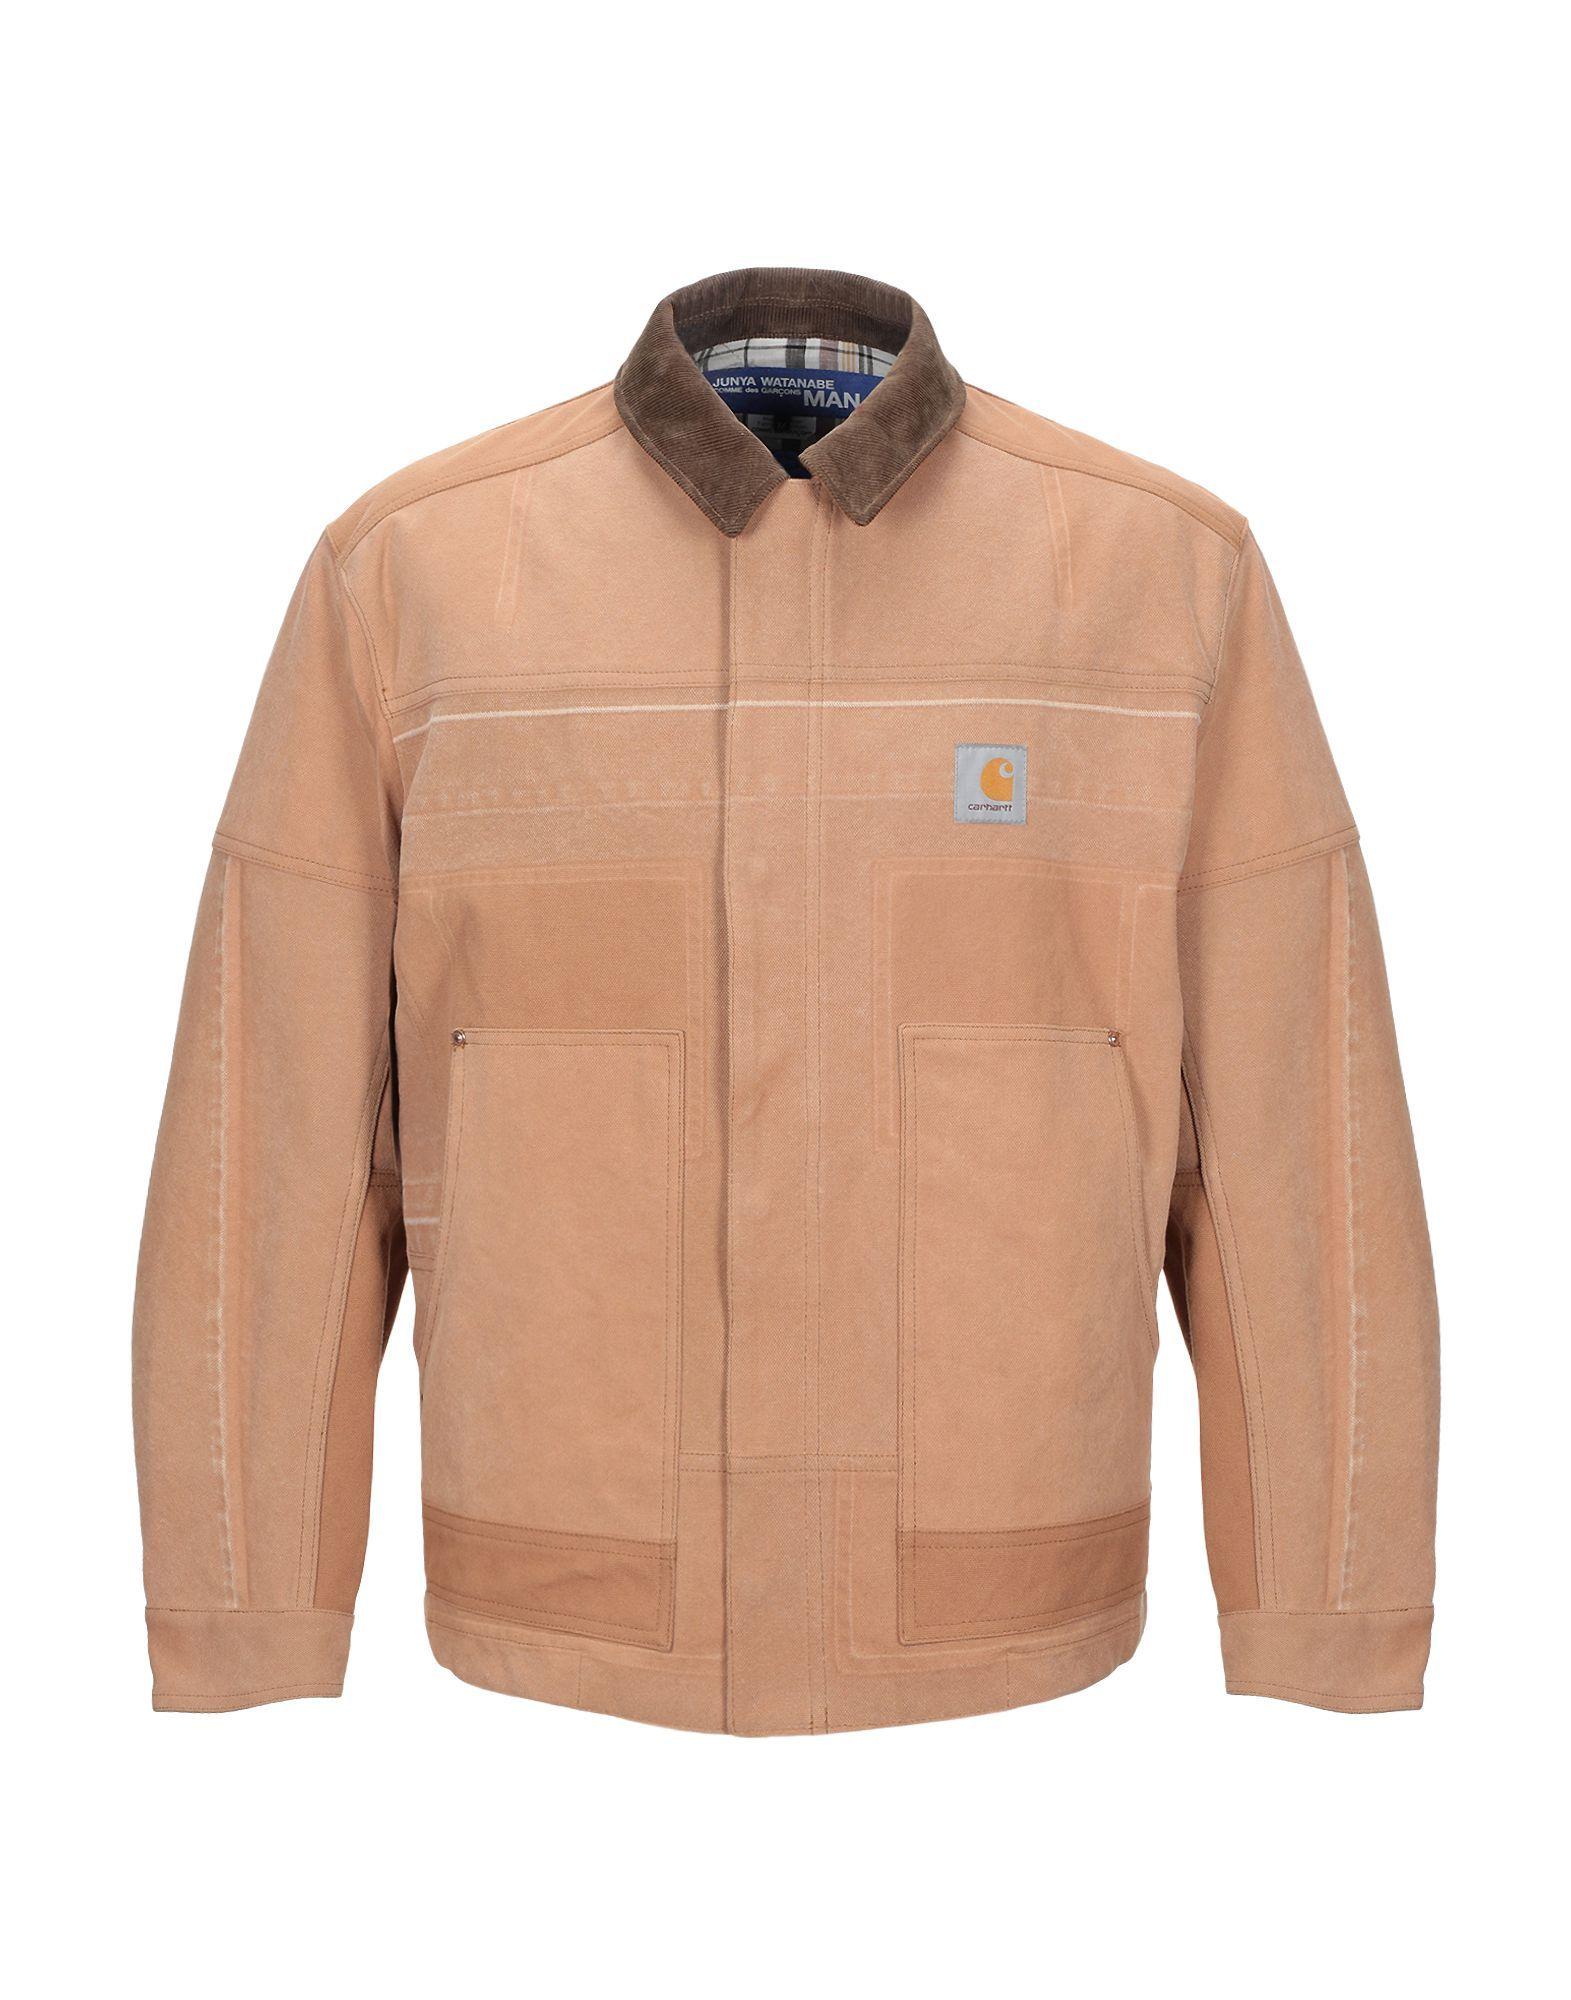 Carhartt Jackets In Brown Modesens Carhartt Jacket Jackets Carhartt [ 2000 x 1571 Pixel ]